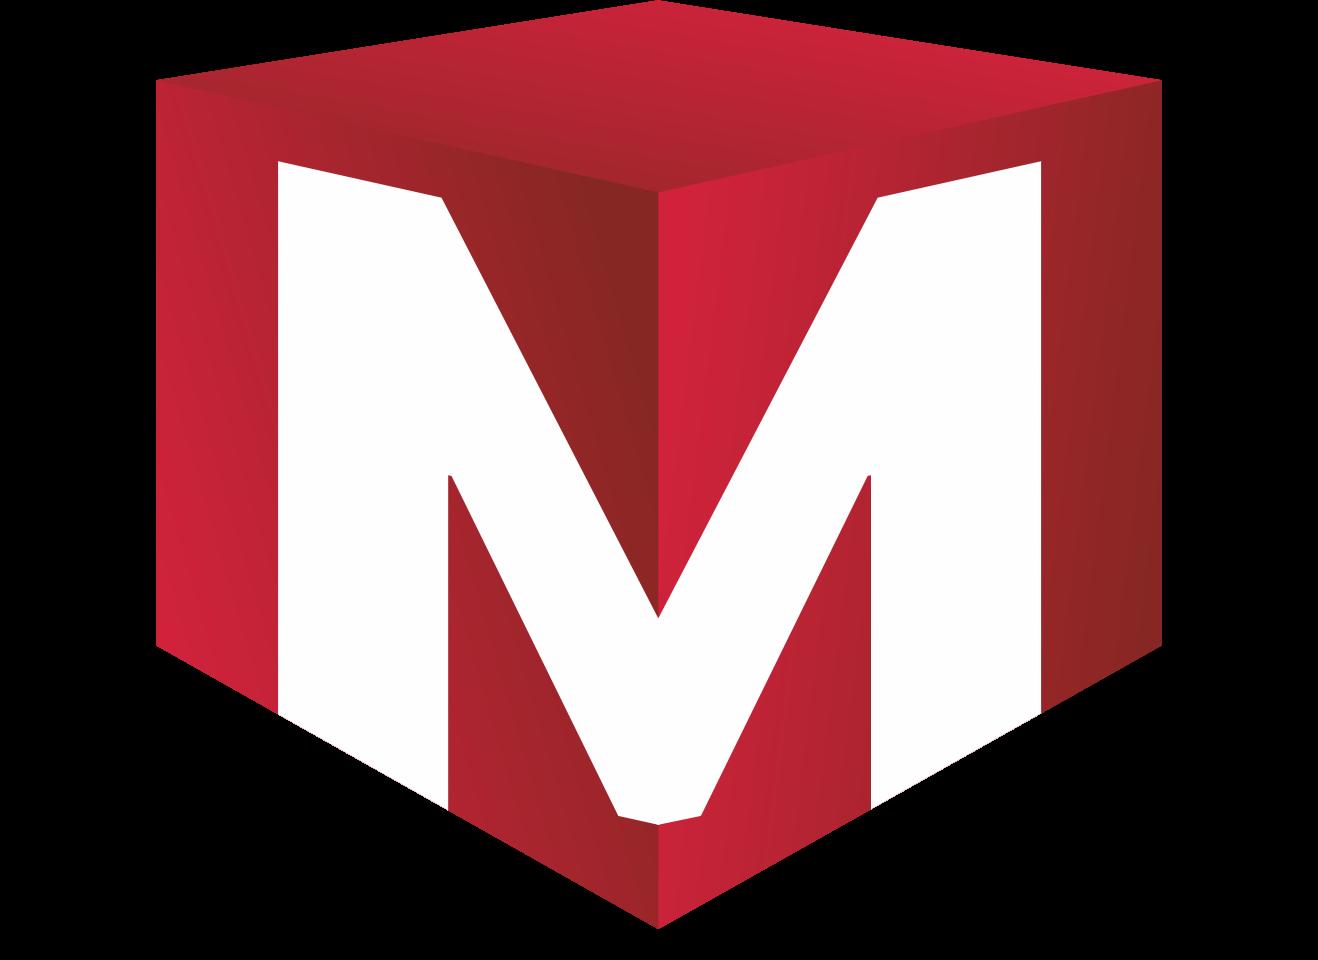 mettrick_png - 100k